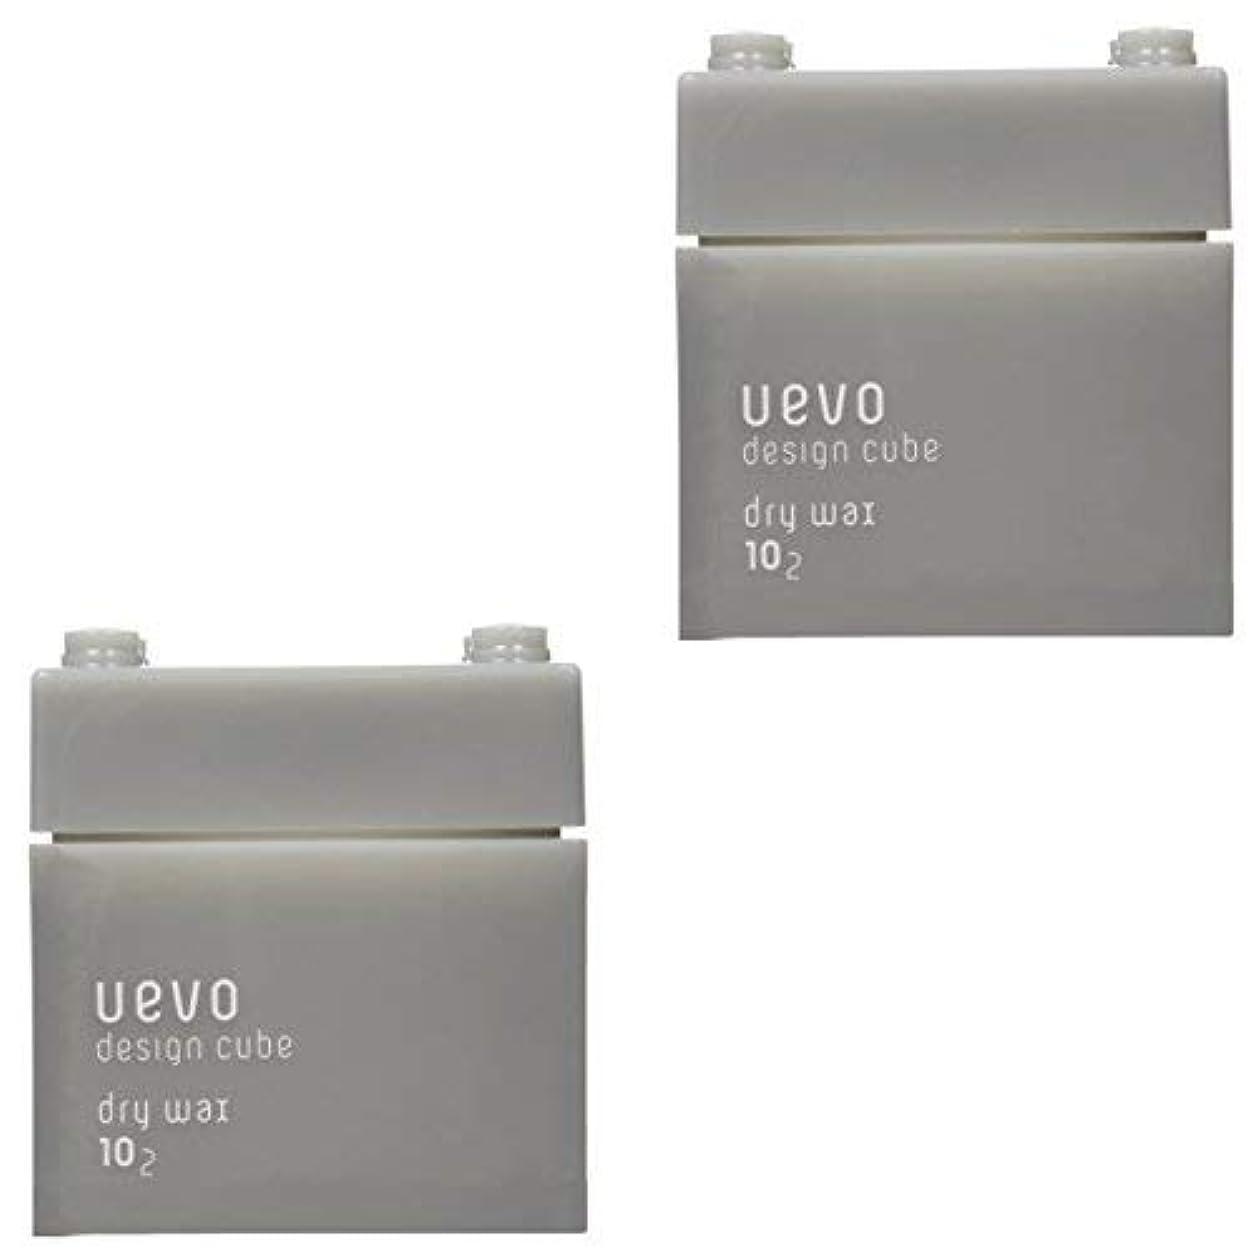 モーター黒人圧倒する【X2個セット】 デミ ウェーボ デザインキューブ ドライワックス 80g dry wax DEMI uevo design cube